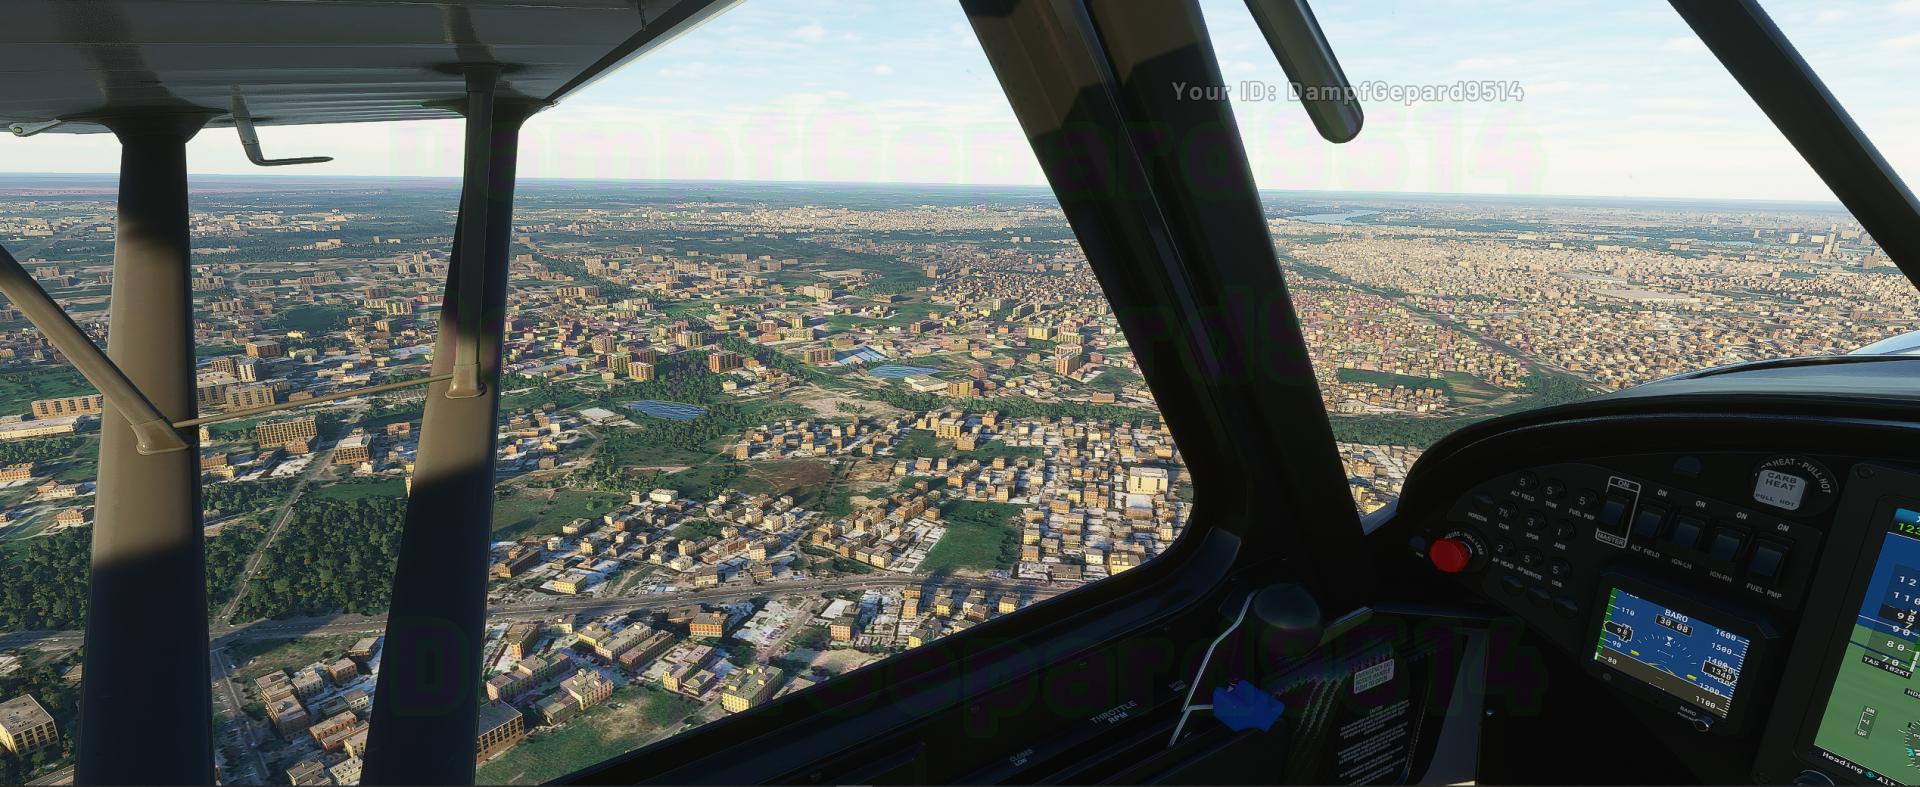 《微软飞行模拟》全新游戏实机截图曝光:2020年发售